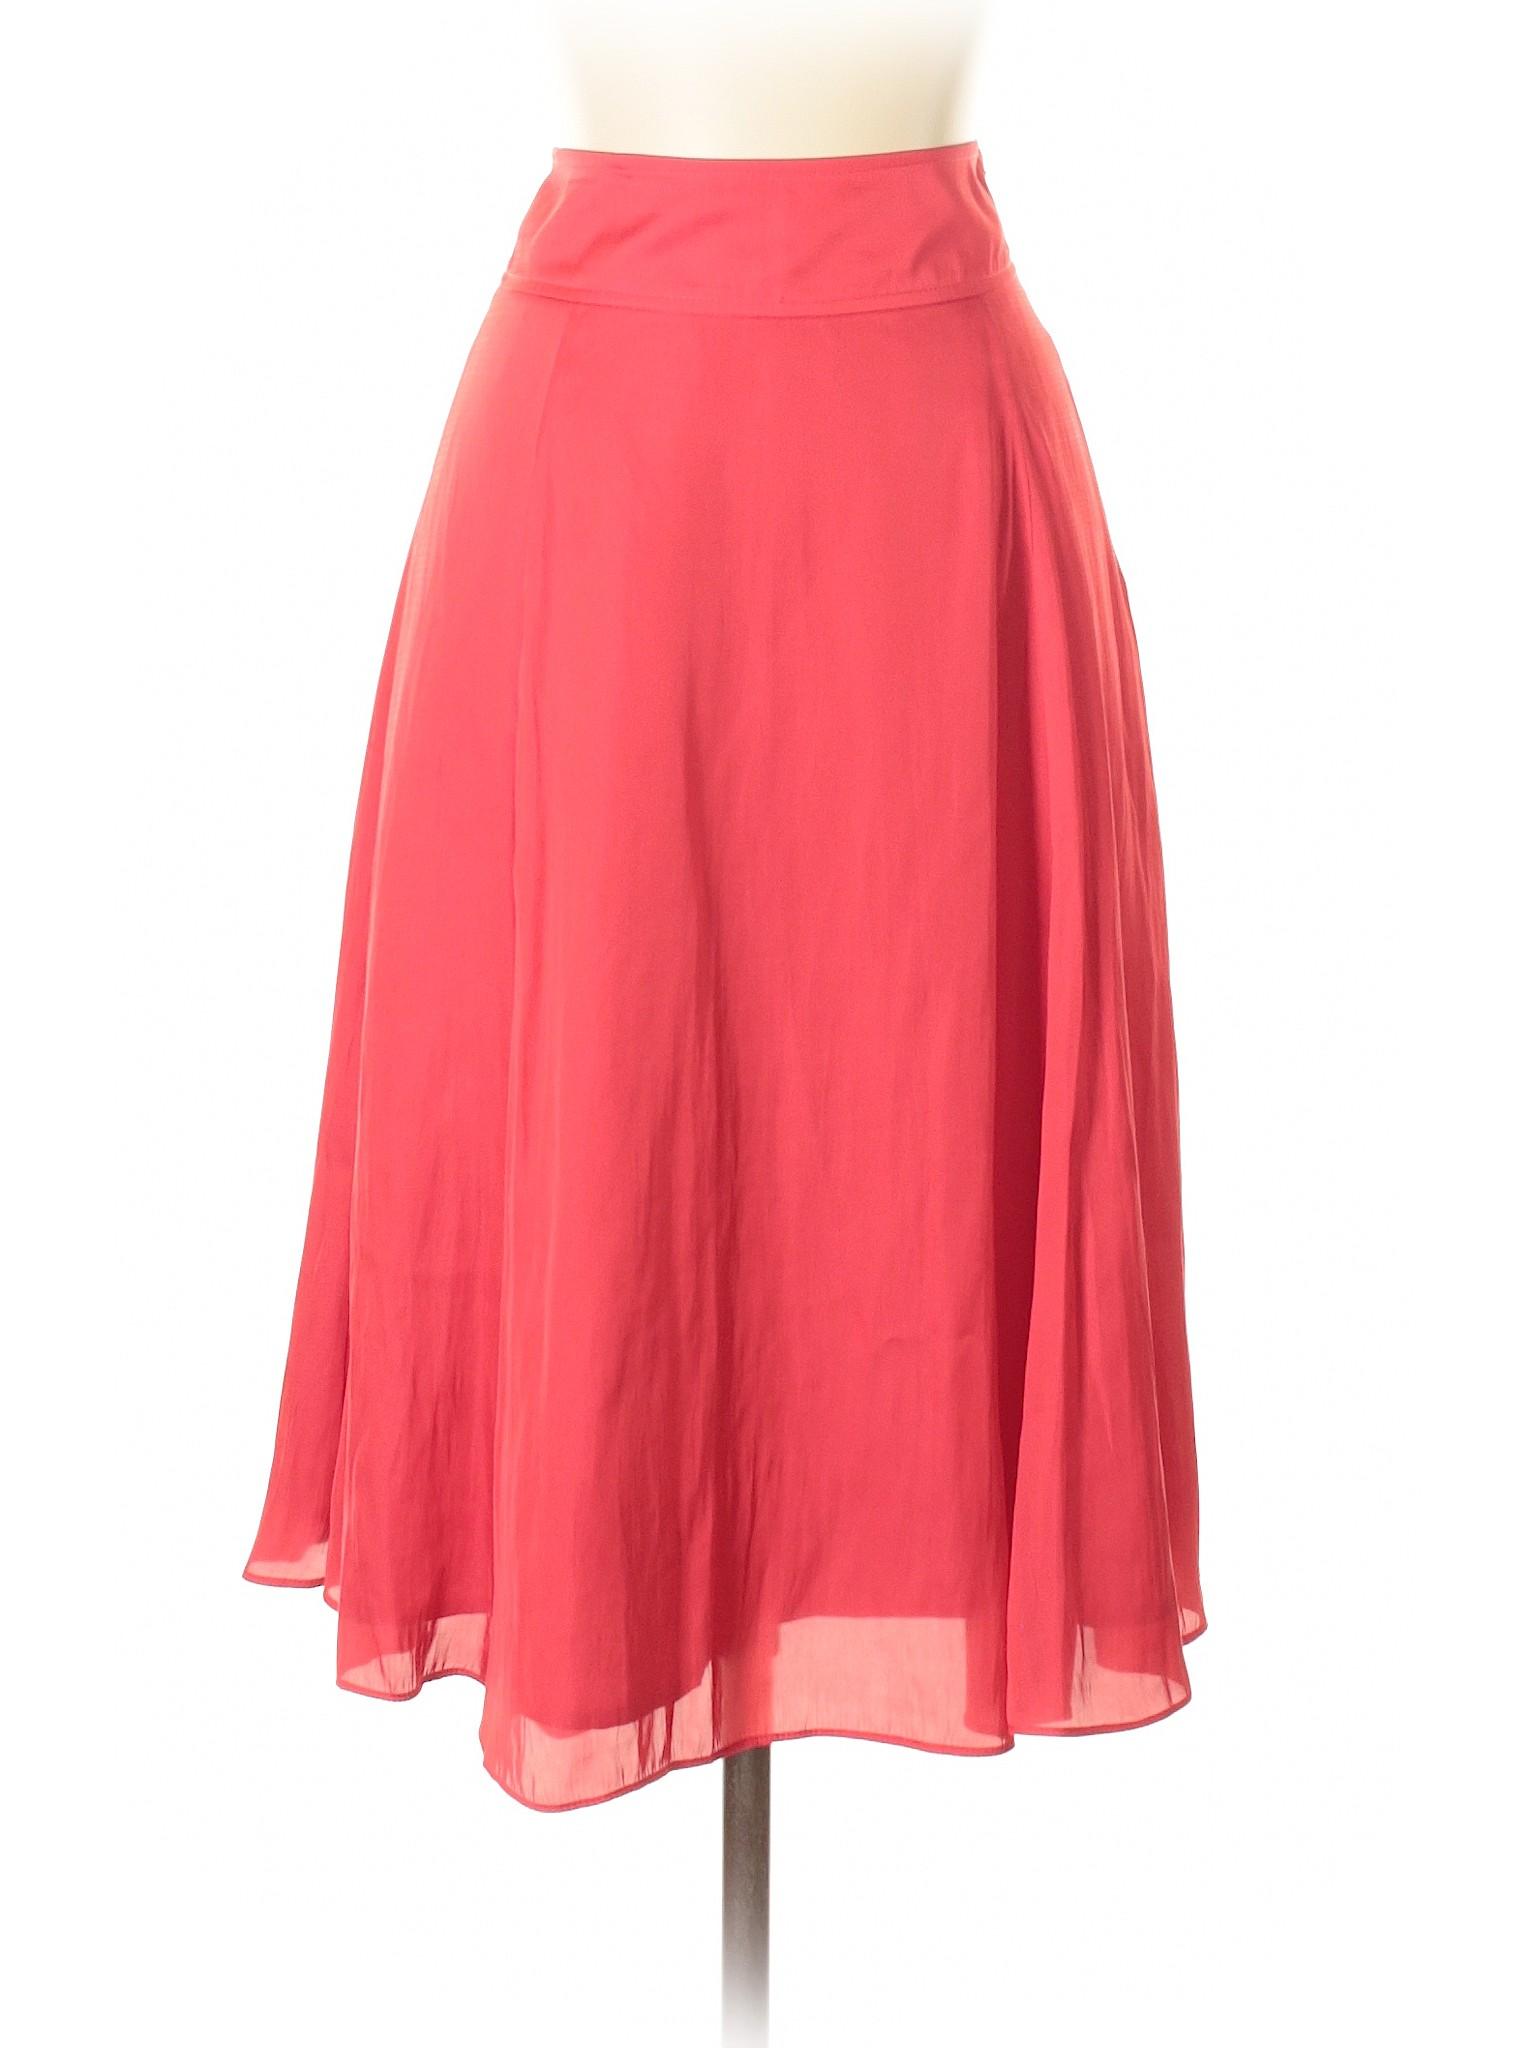 Boutique Casual Boutique Skirt Casual Tv0IrwqTx